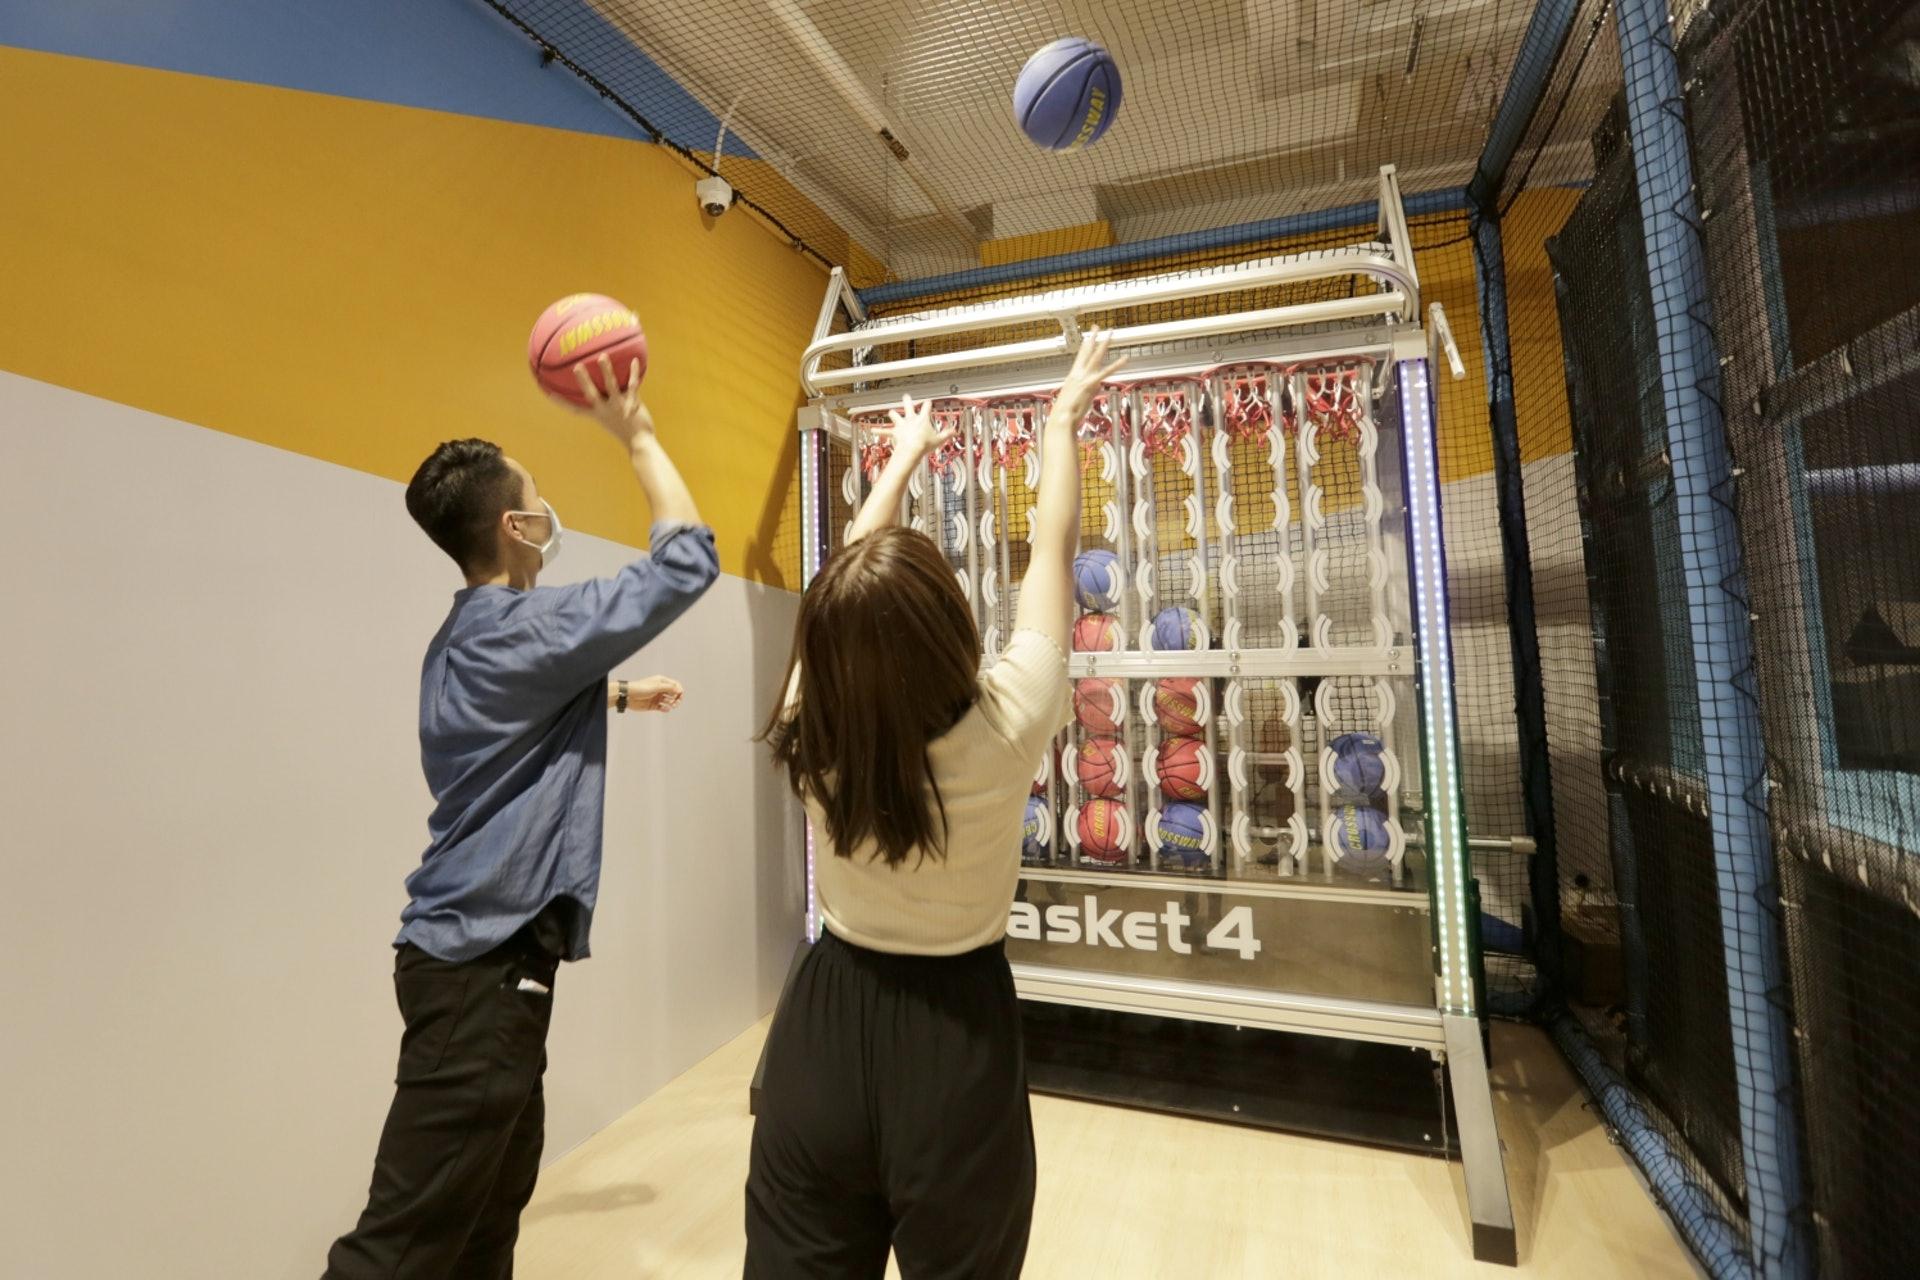 【2/Basket4】除了投籃之外,更要動腦筋鬥快連起4個同色籃球!(龔嘉盛攝)